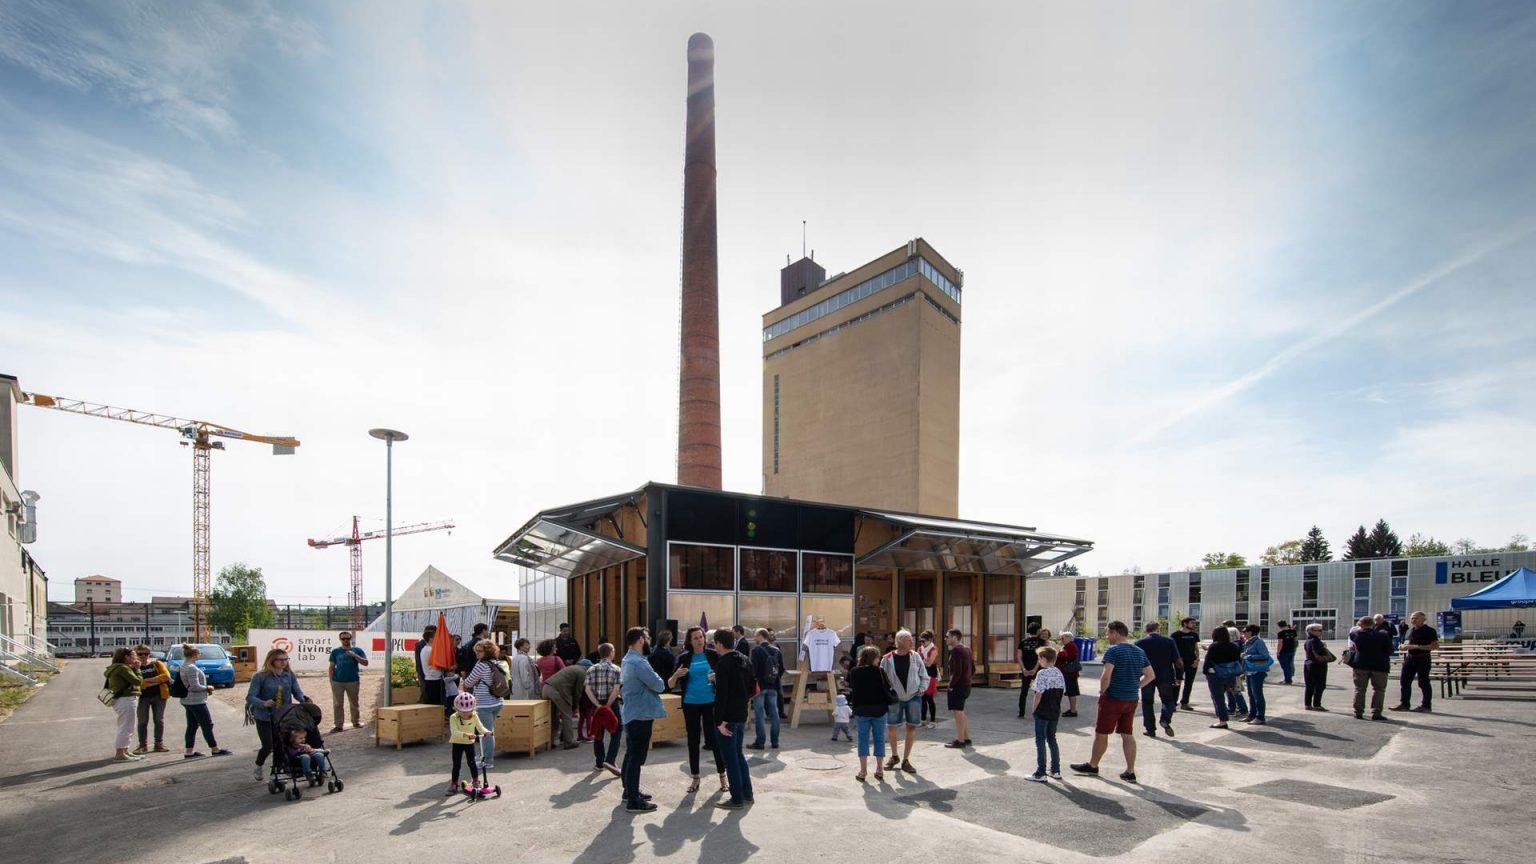 Portes ouvertes au Smart Living Lab. Des gens debout devant la Halle Bleue, à Fribourg. En arrière-plan, la cheminée de la Blue Factory